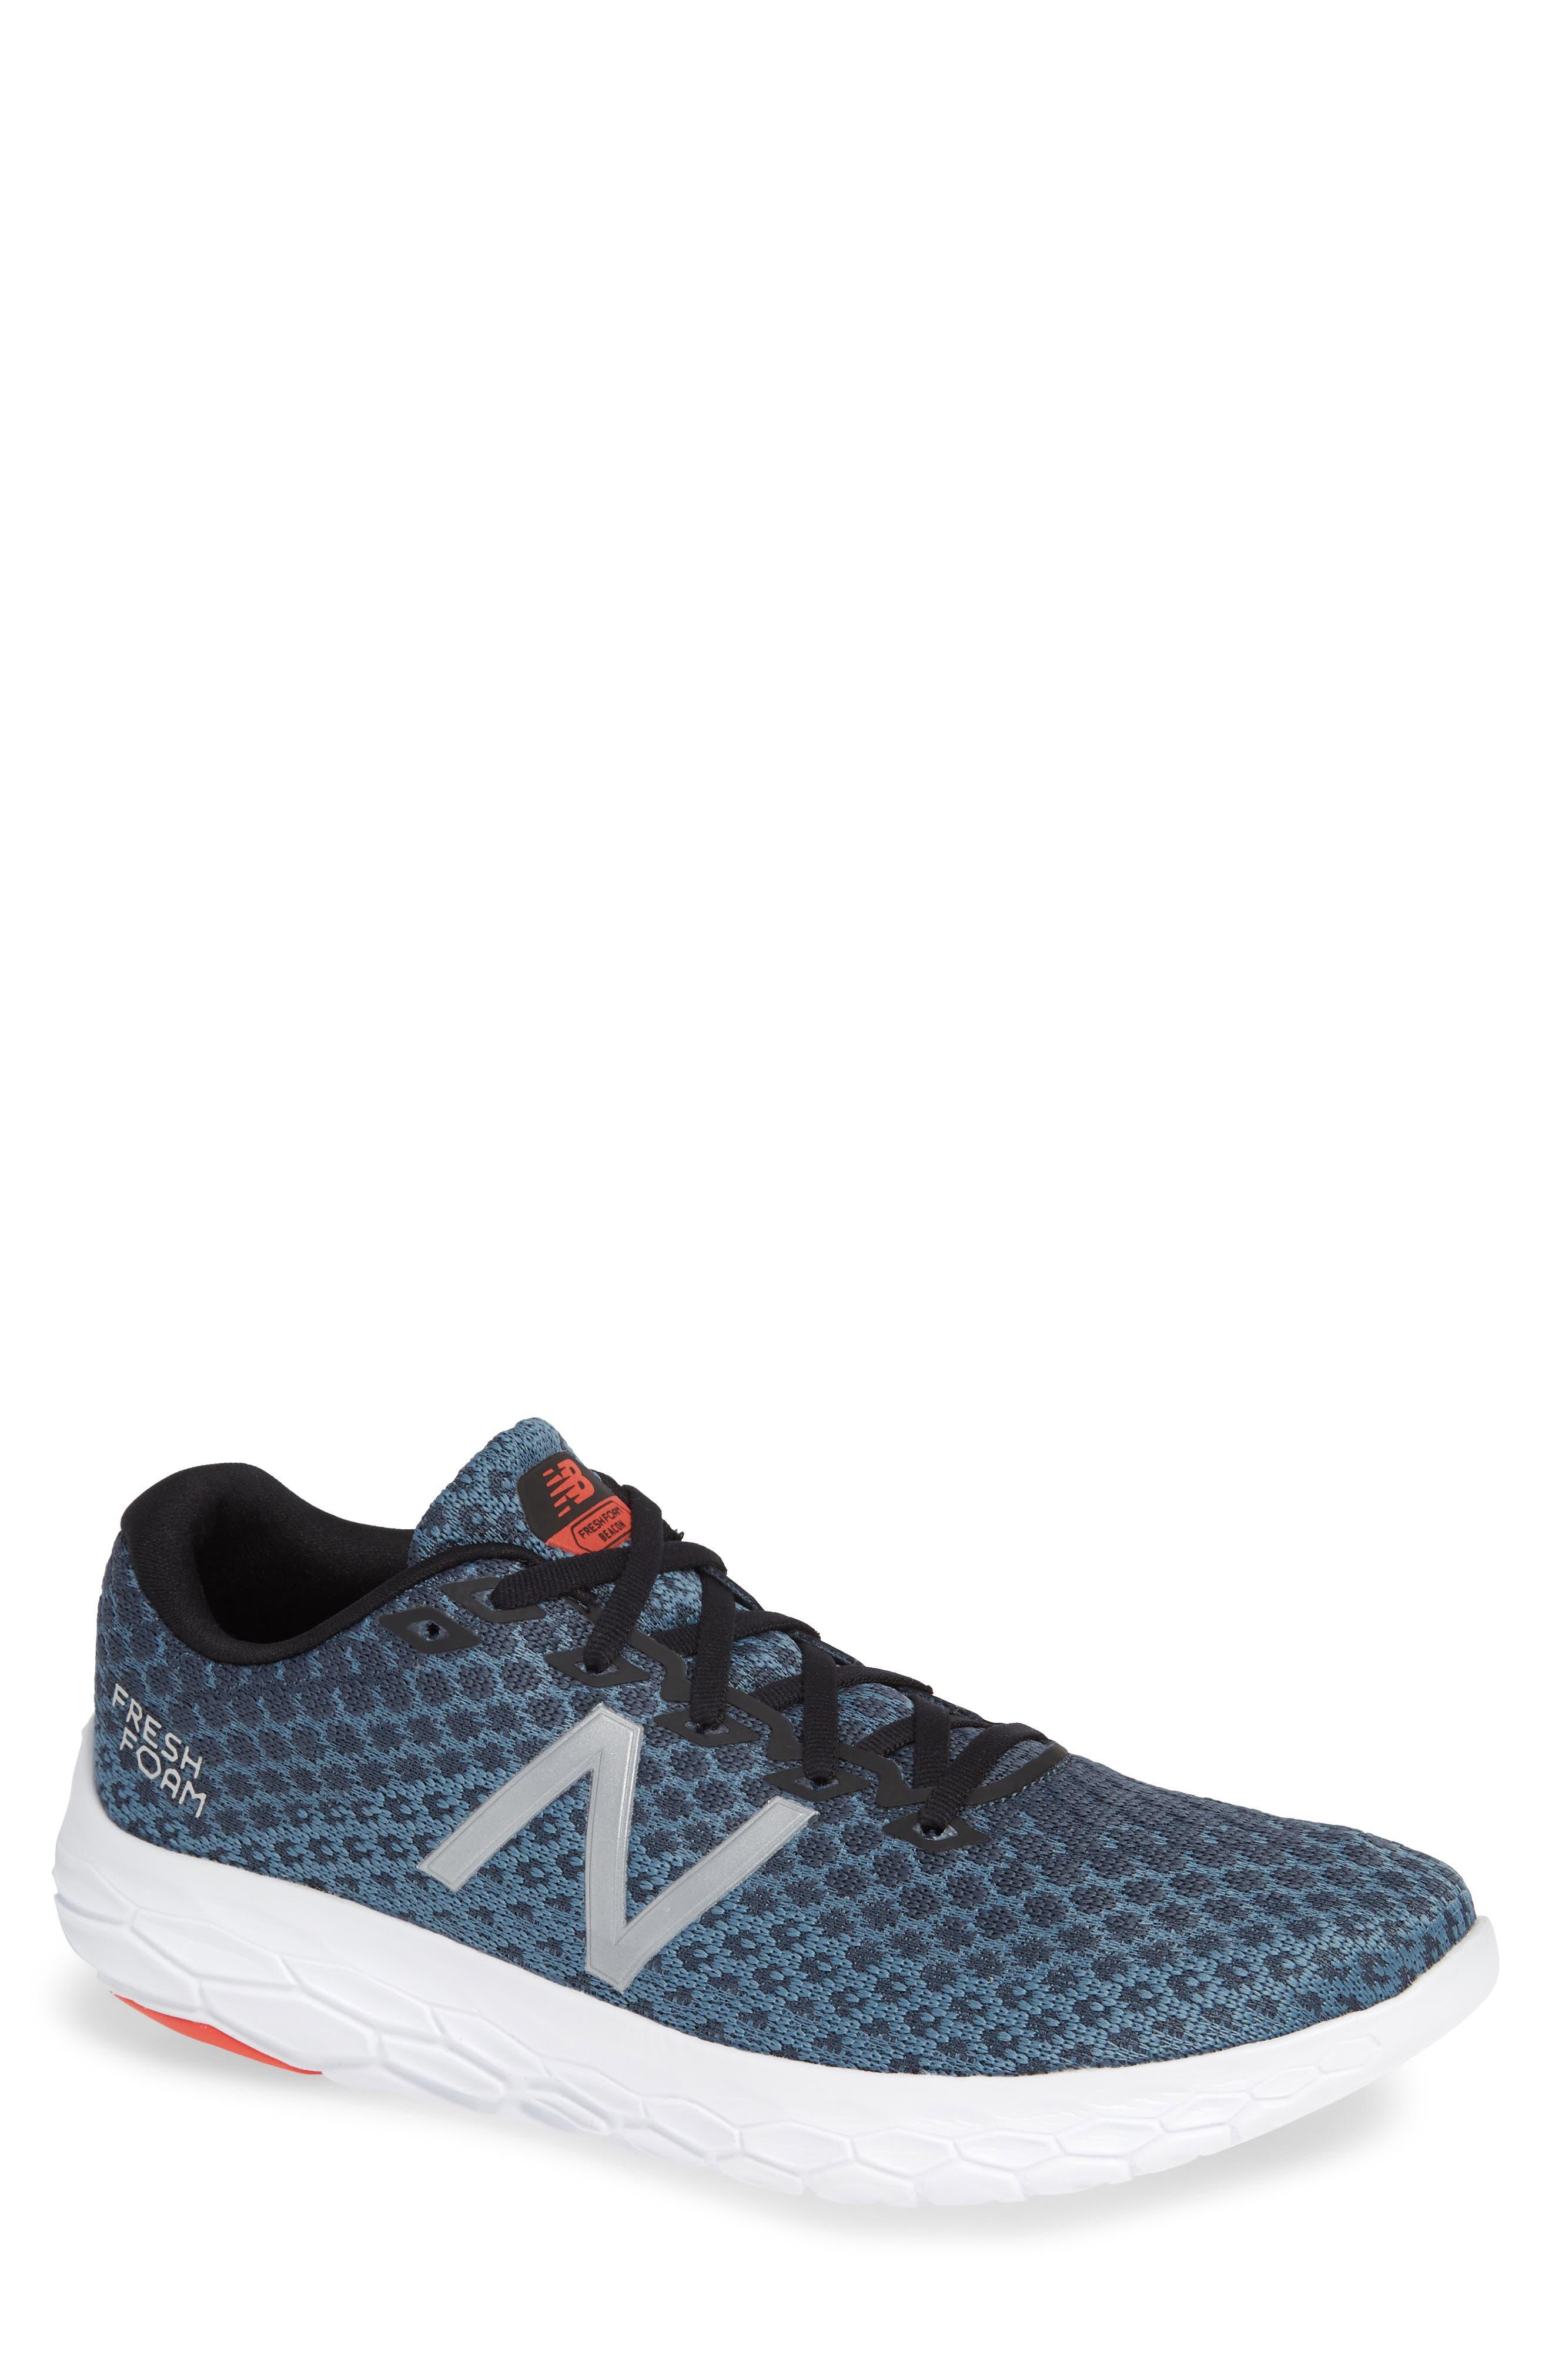 Fresh Foam Beacon Running Shoe, Main, color, PETROL